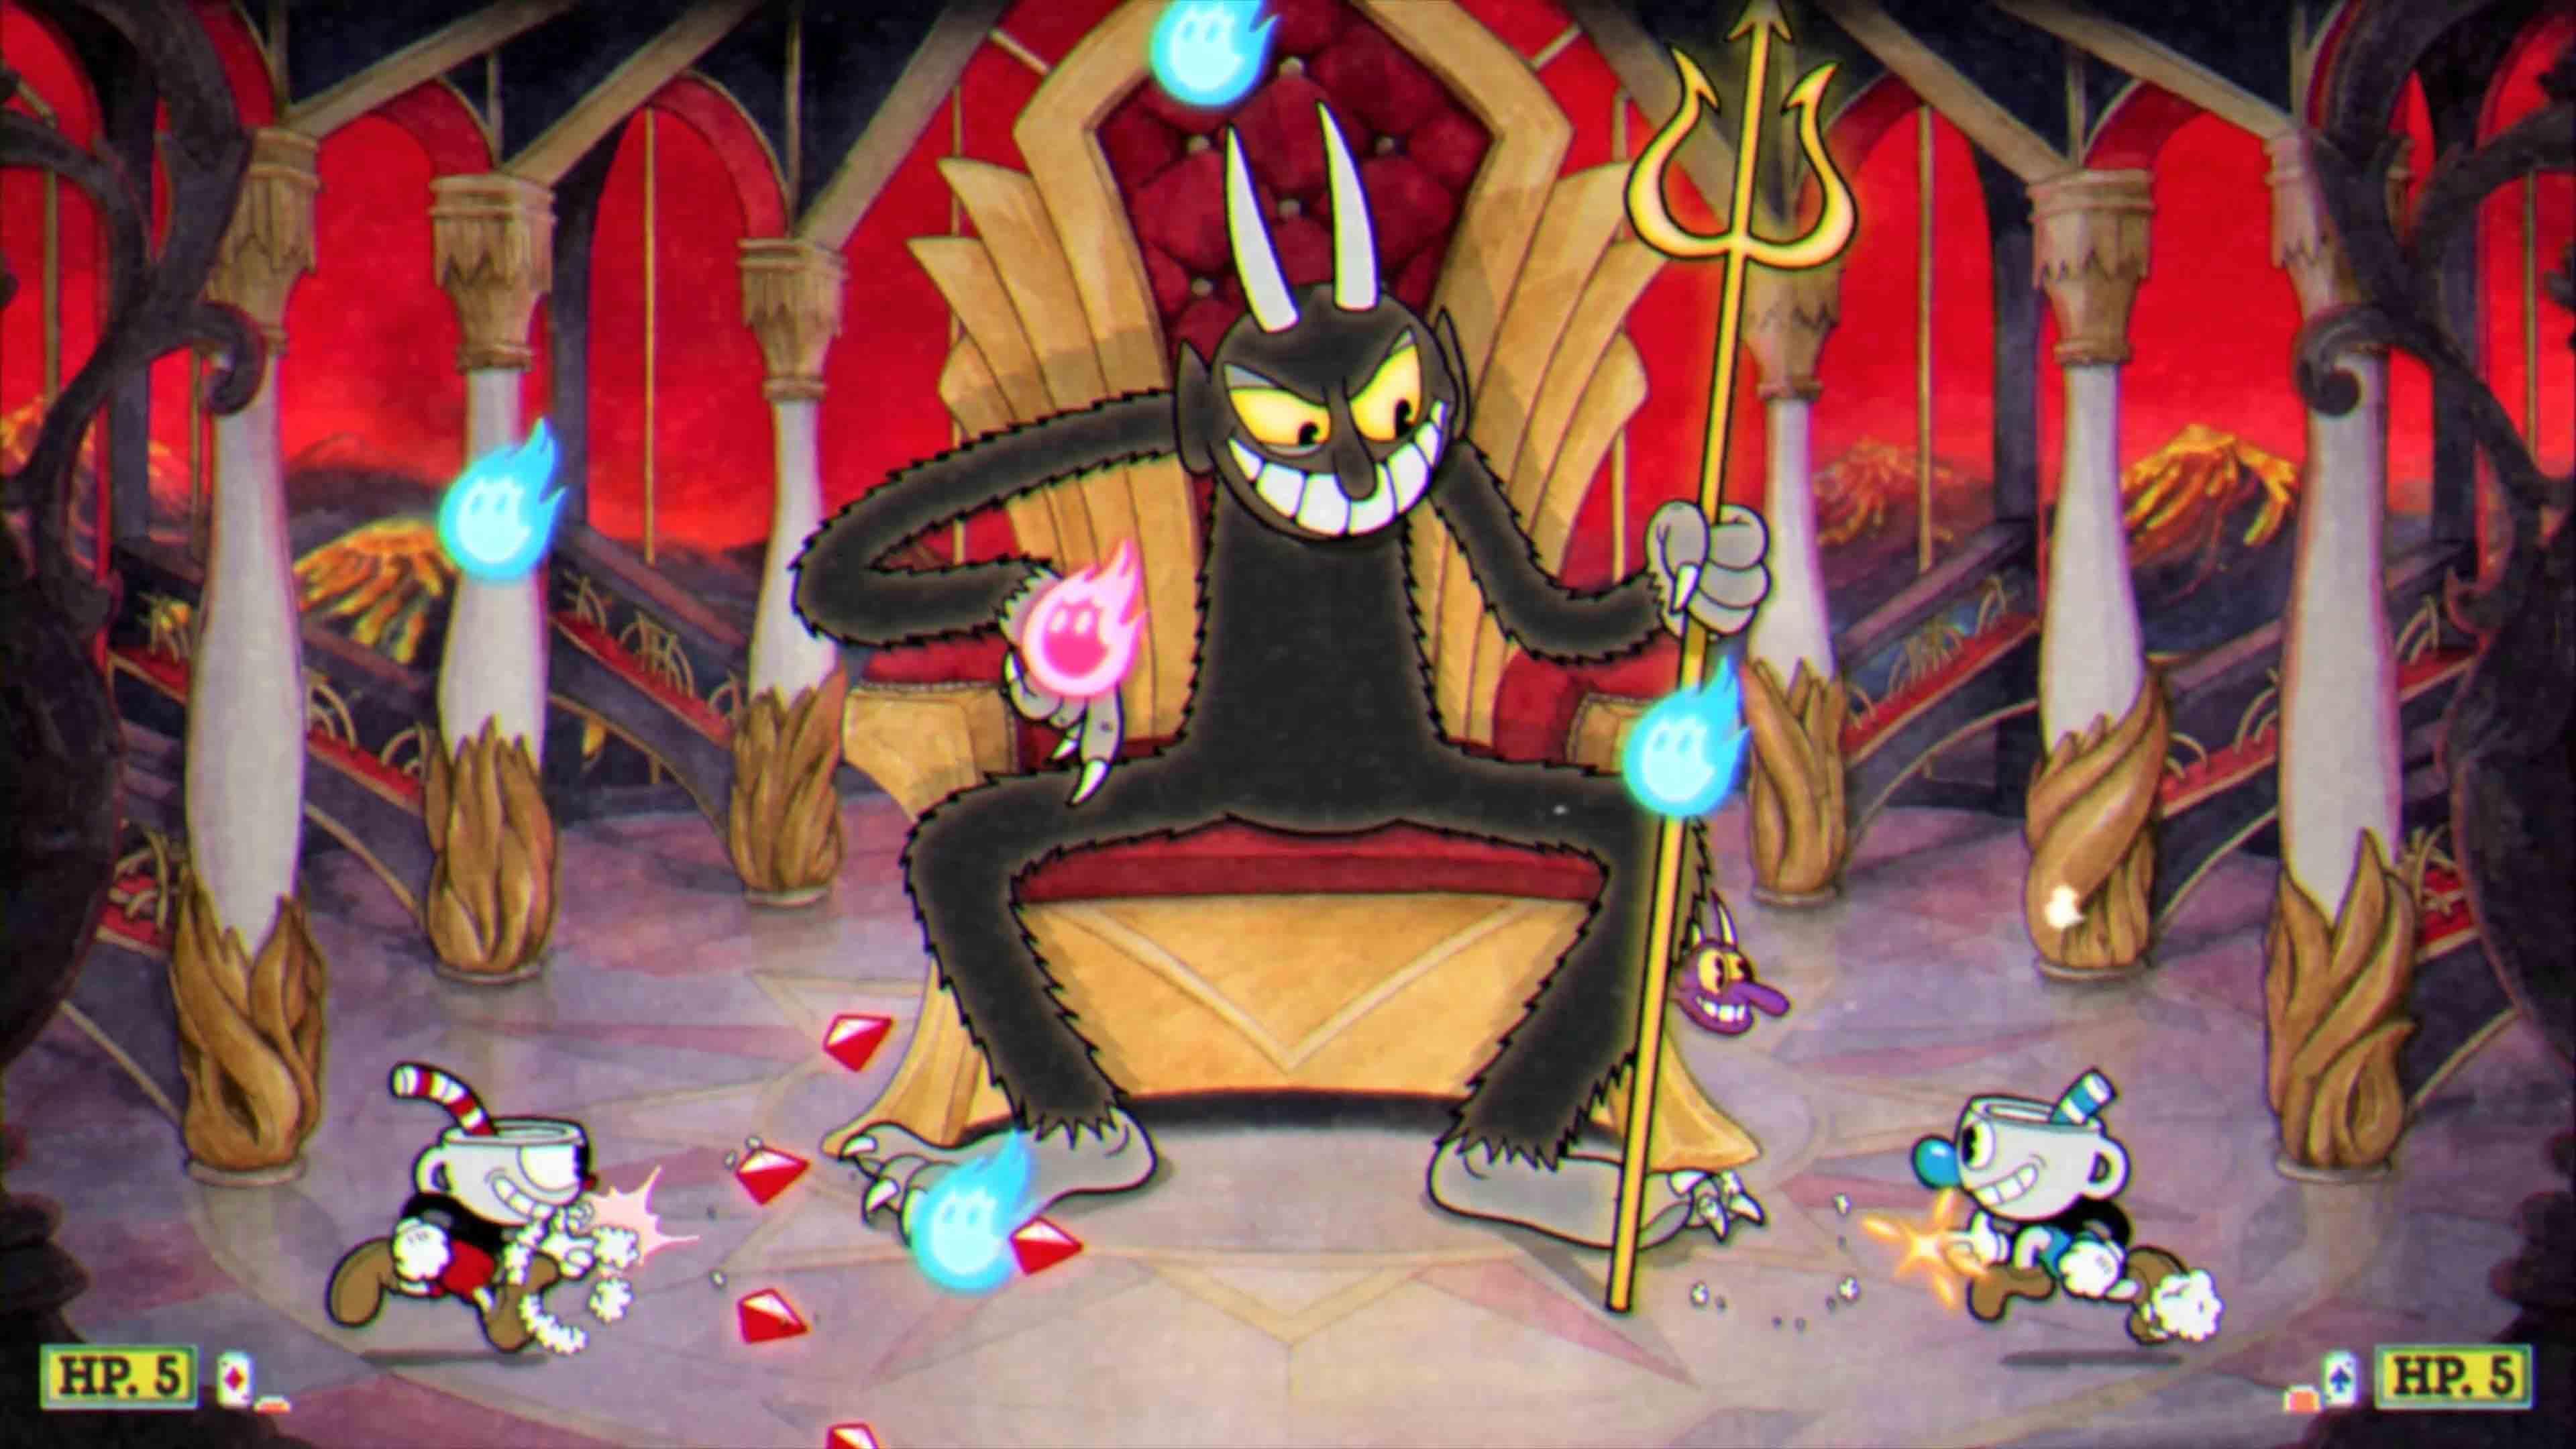 Escena de Cuphead con el diablo, Cuphead y su hermano